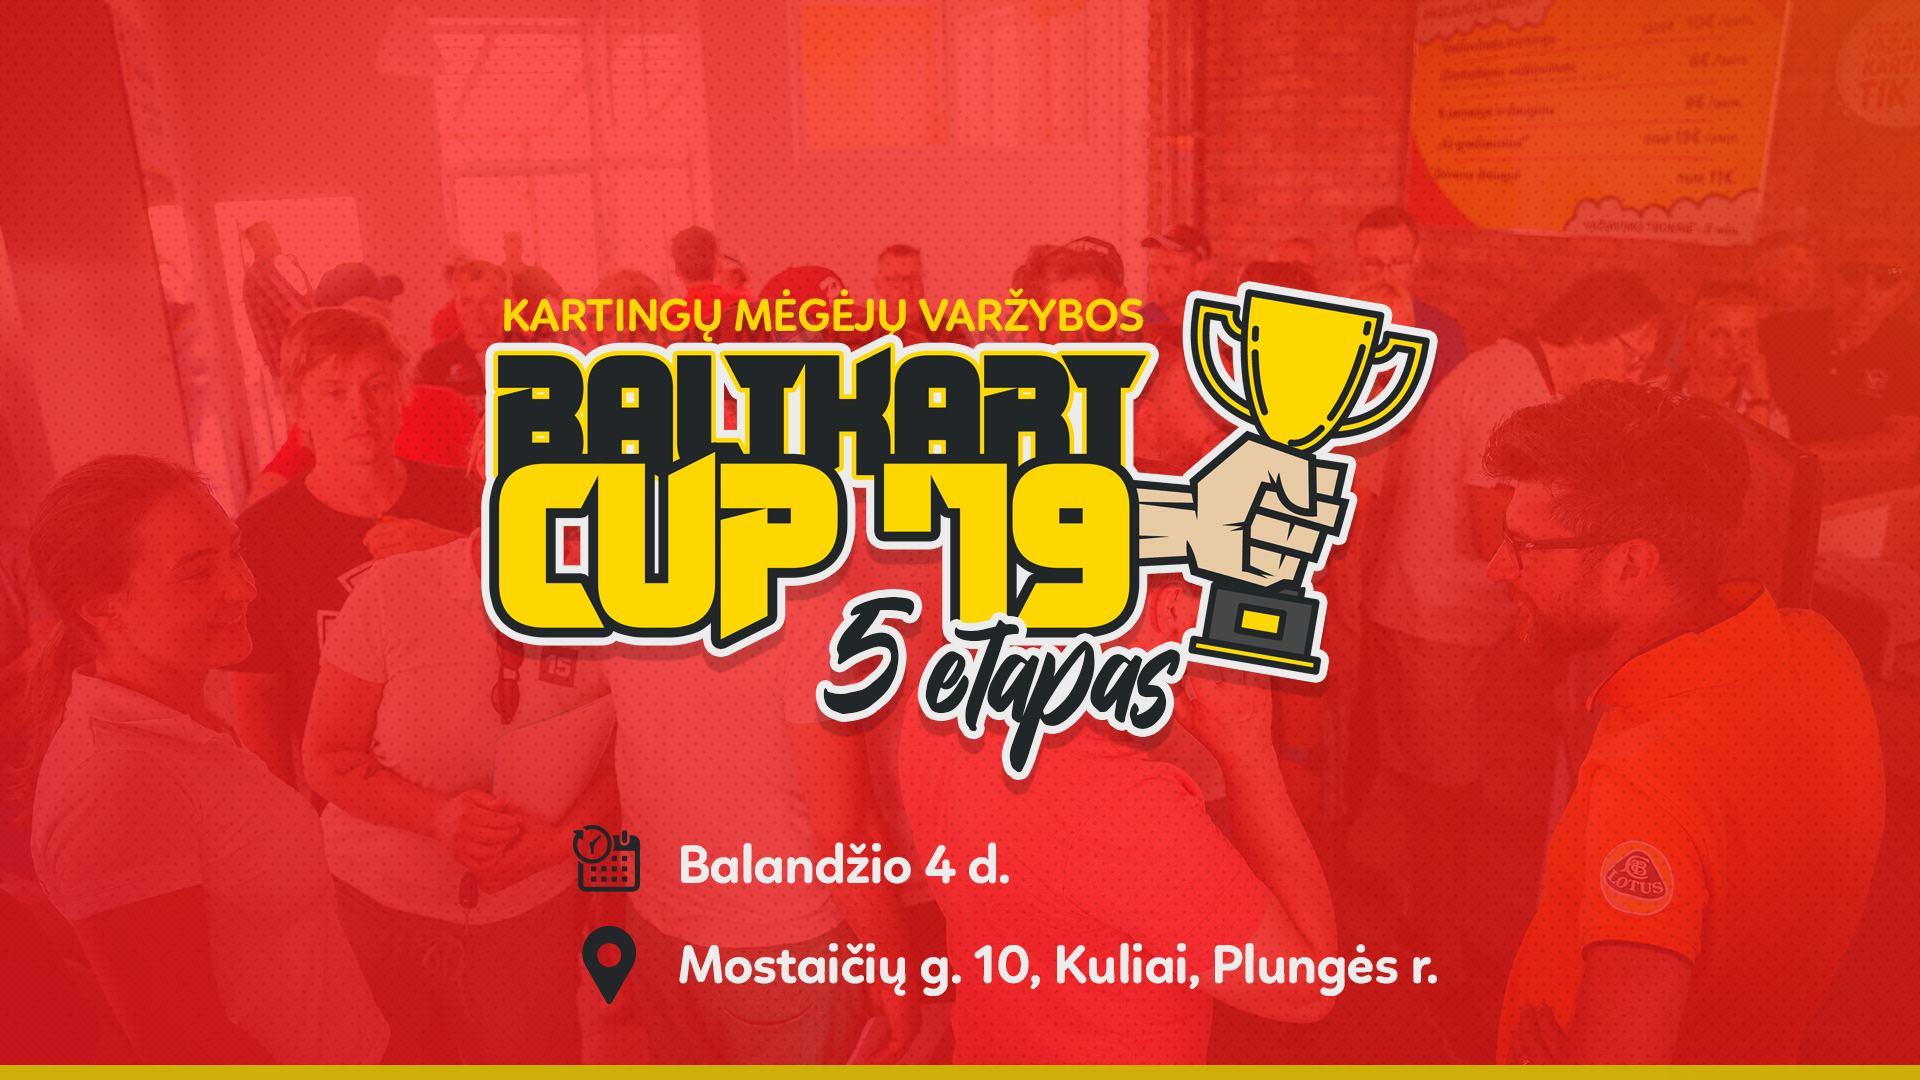 """Kartingų mėgėjų varžybos - """"Baltkart CUP '19"""" 5 etapas"""